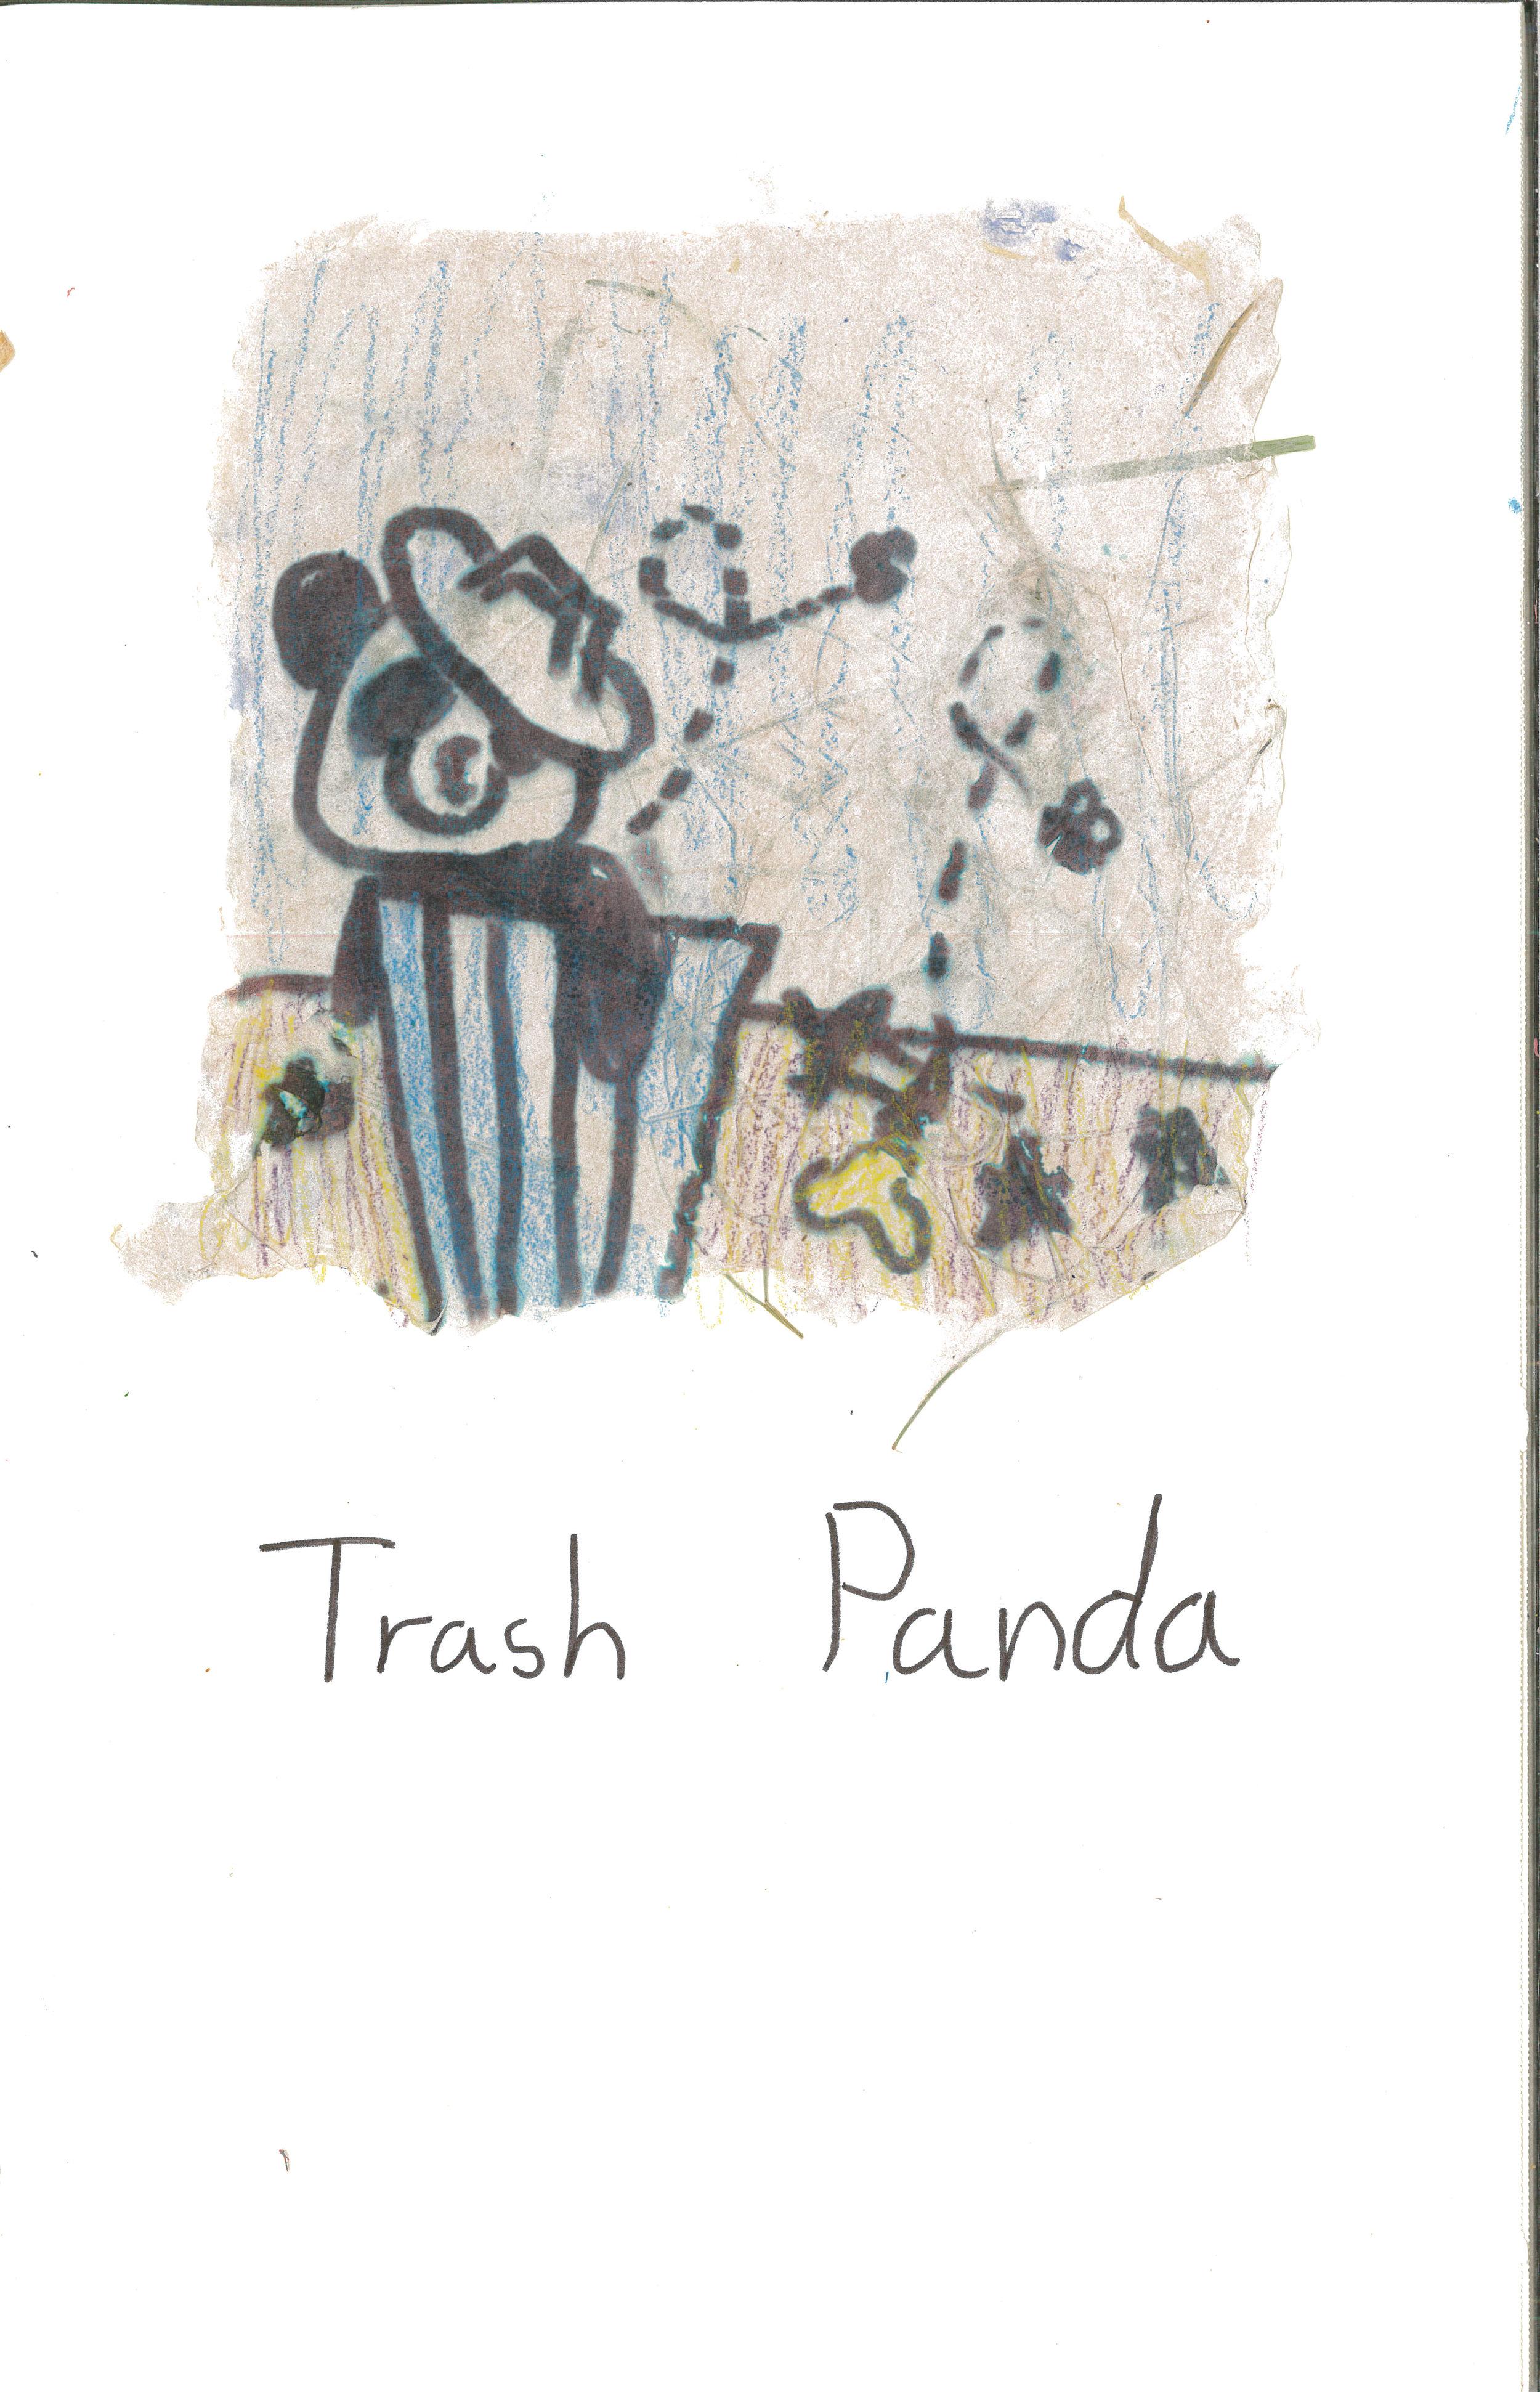 Trash Panda 3.jpg